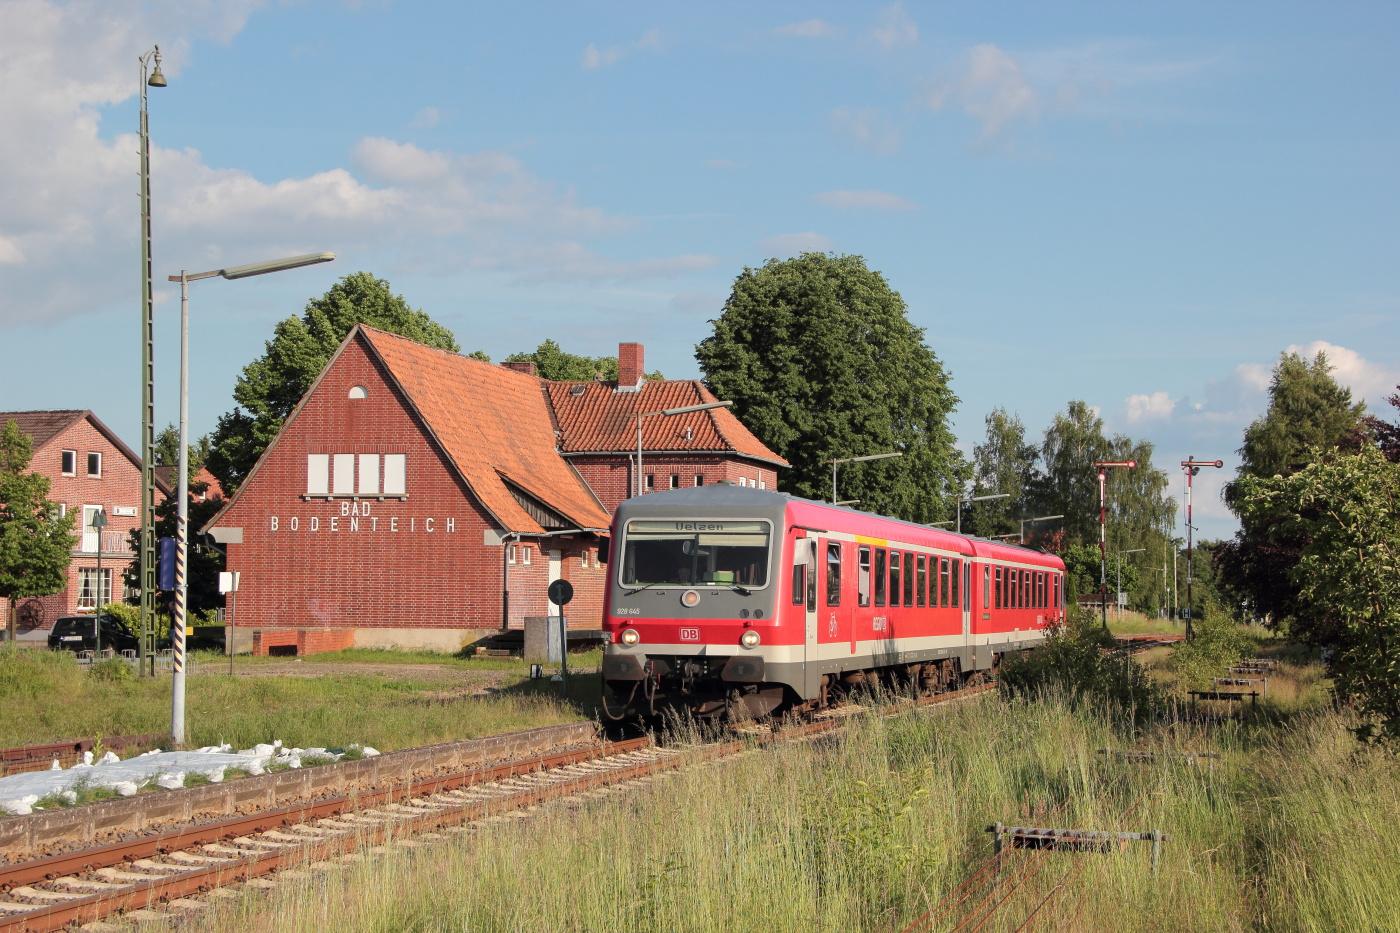 http://www.nachtbahner.de/Fotos/2014-05-30%20KBS%20115%20M%c3%bchlenbahn%20Uelzen%20-%20Braunschweig%20/k-IMG_6473%20KBS%20115%20M%c3%bchlenbahn%2030.05.14%20(9).JPG